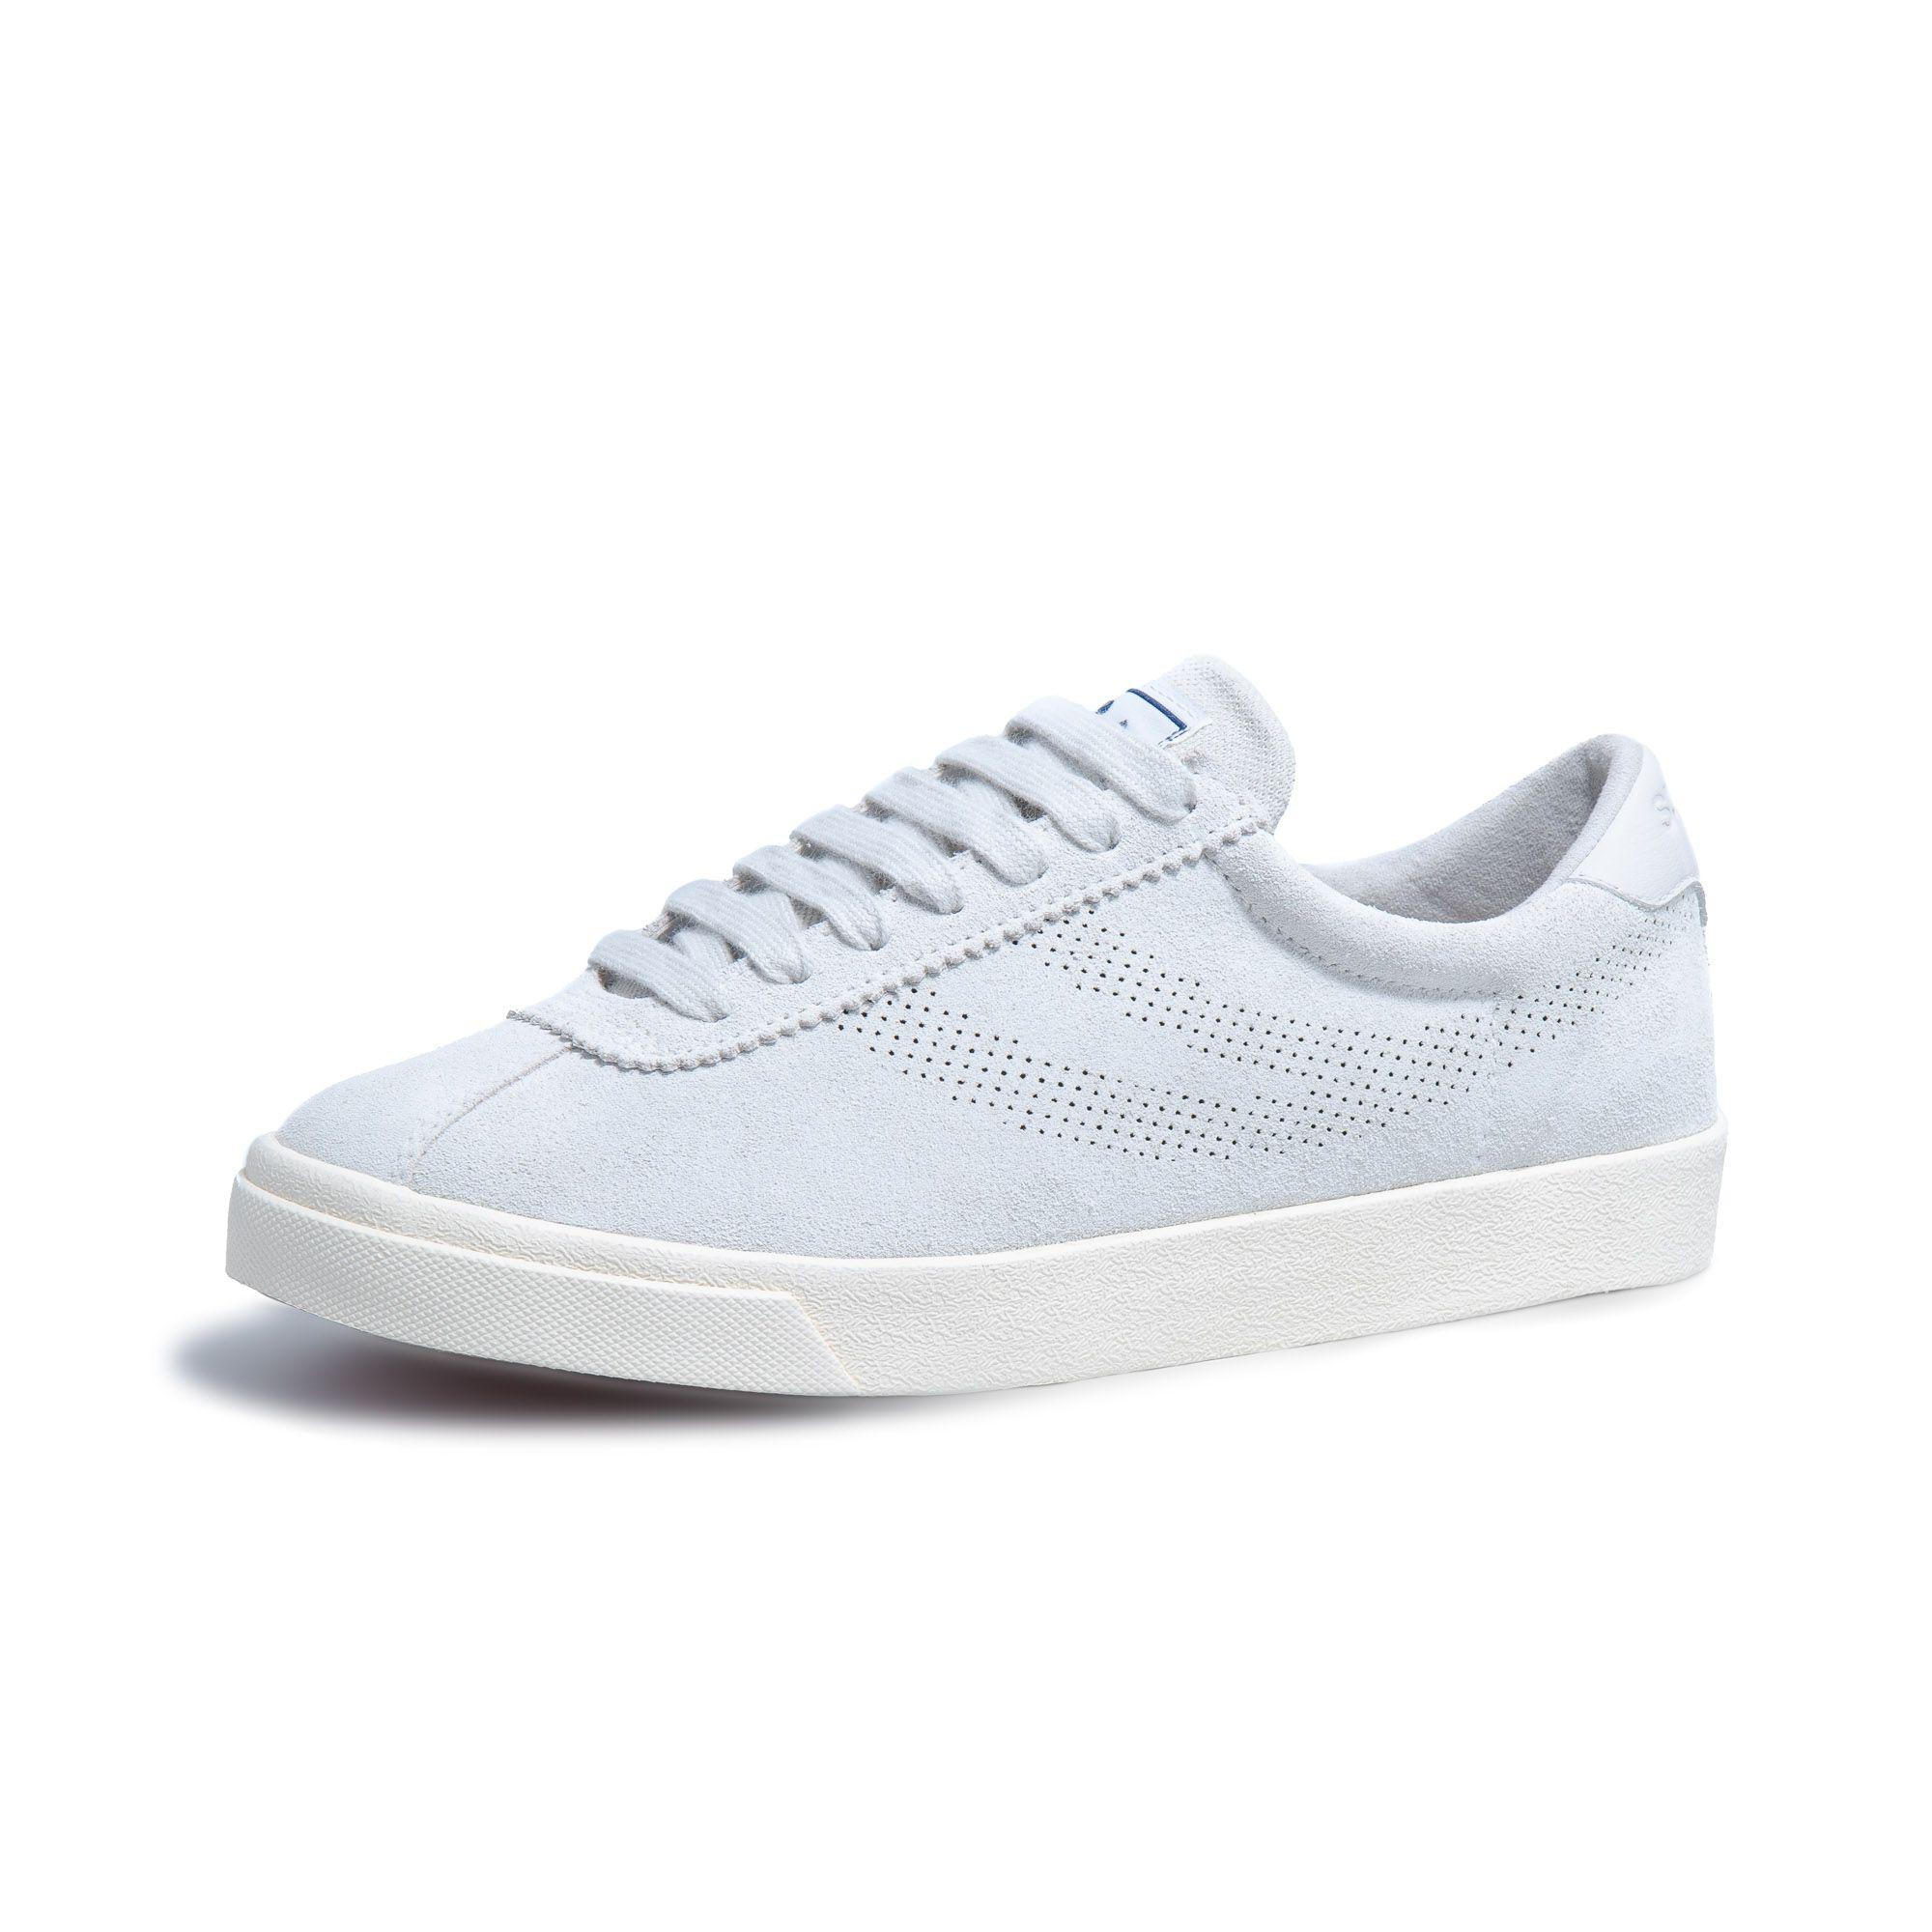 2743 SMASHSUEU WHITE - OFF WHITE